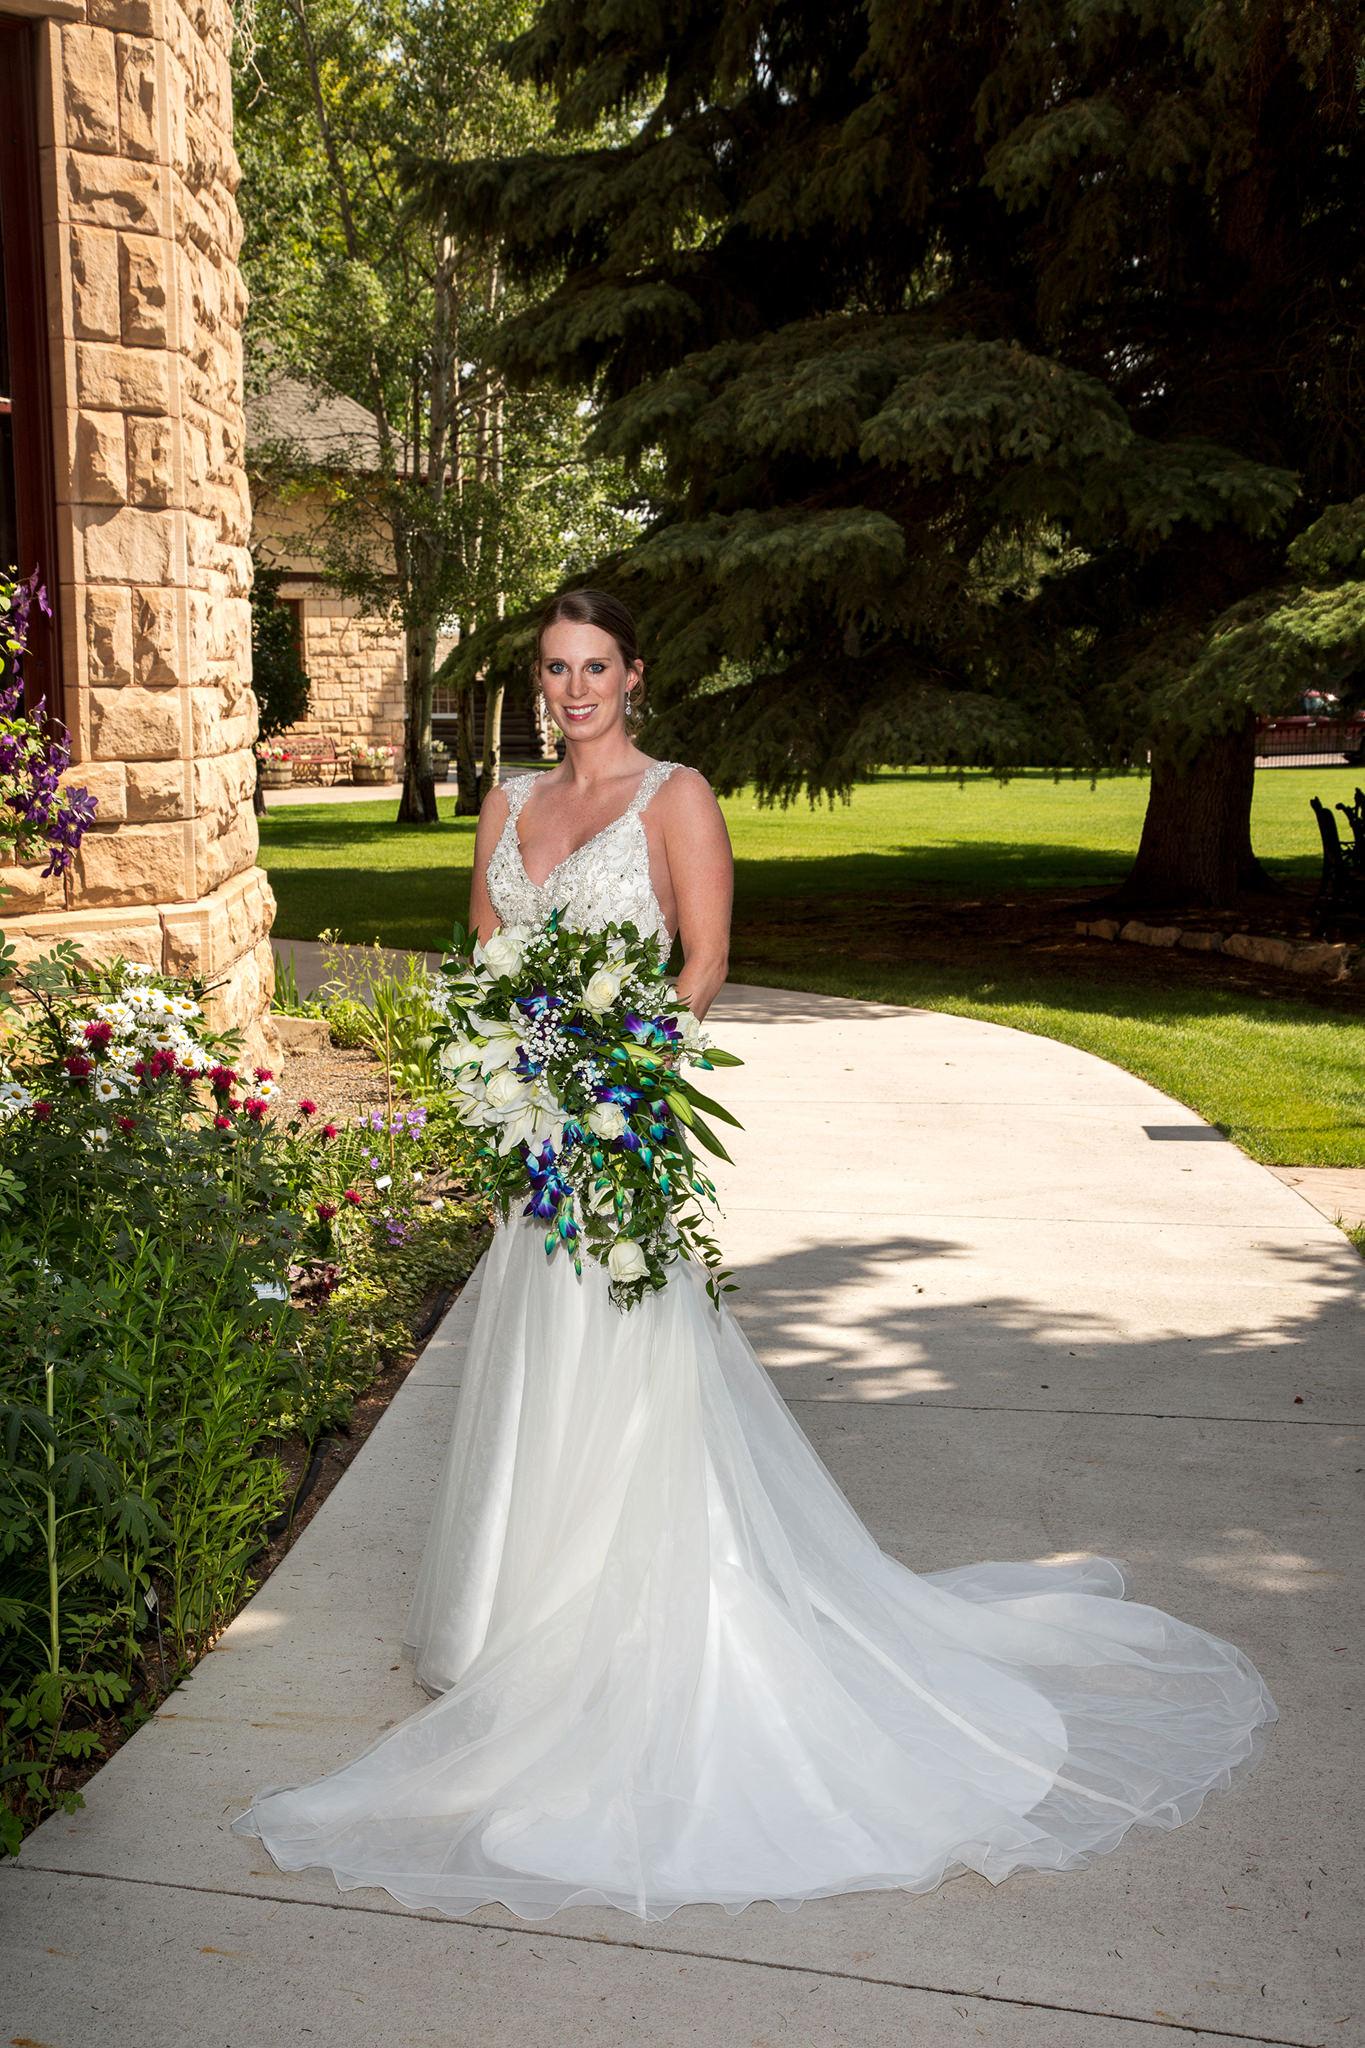 marchese_wedding_073 copy